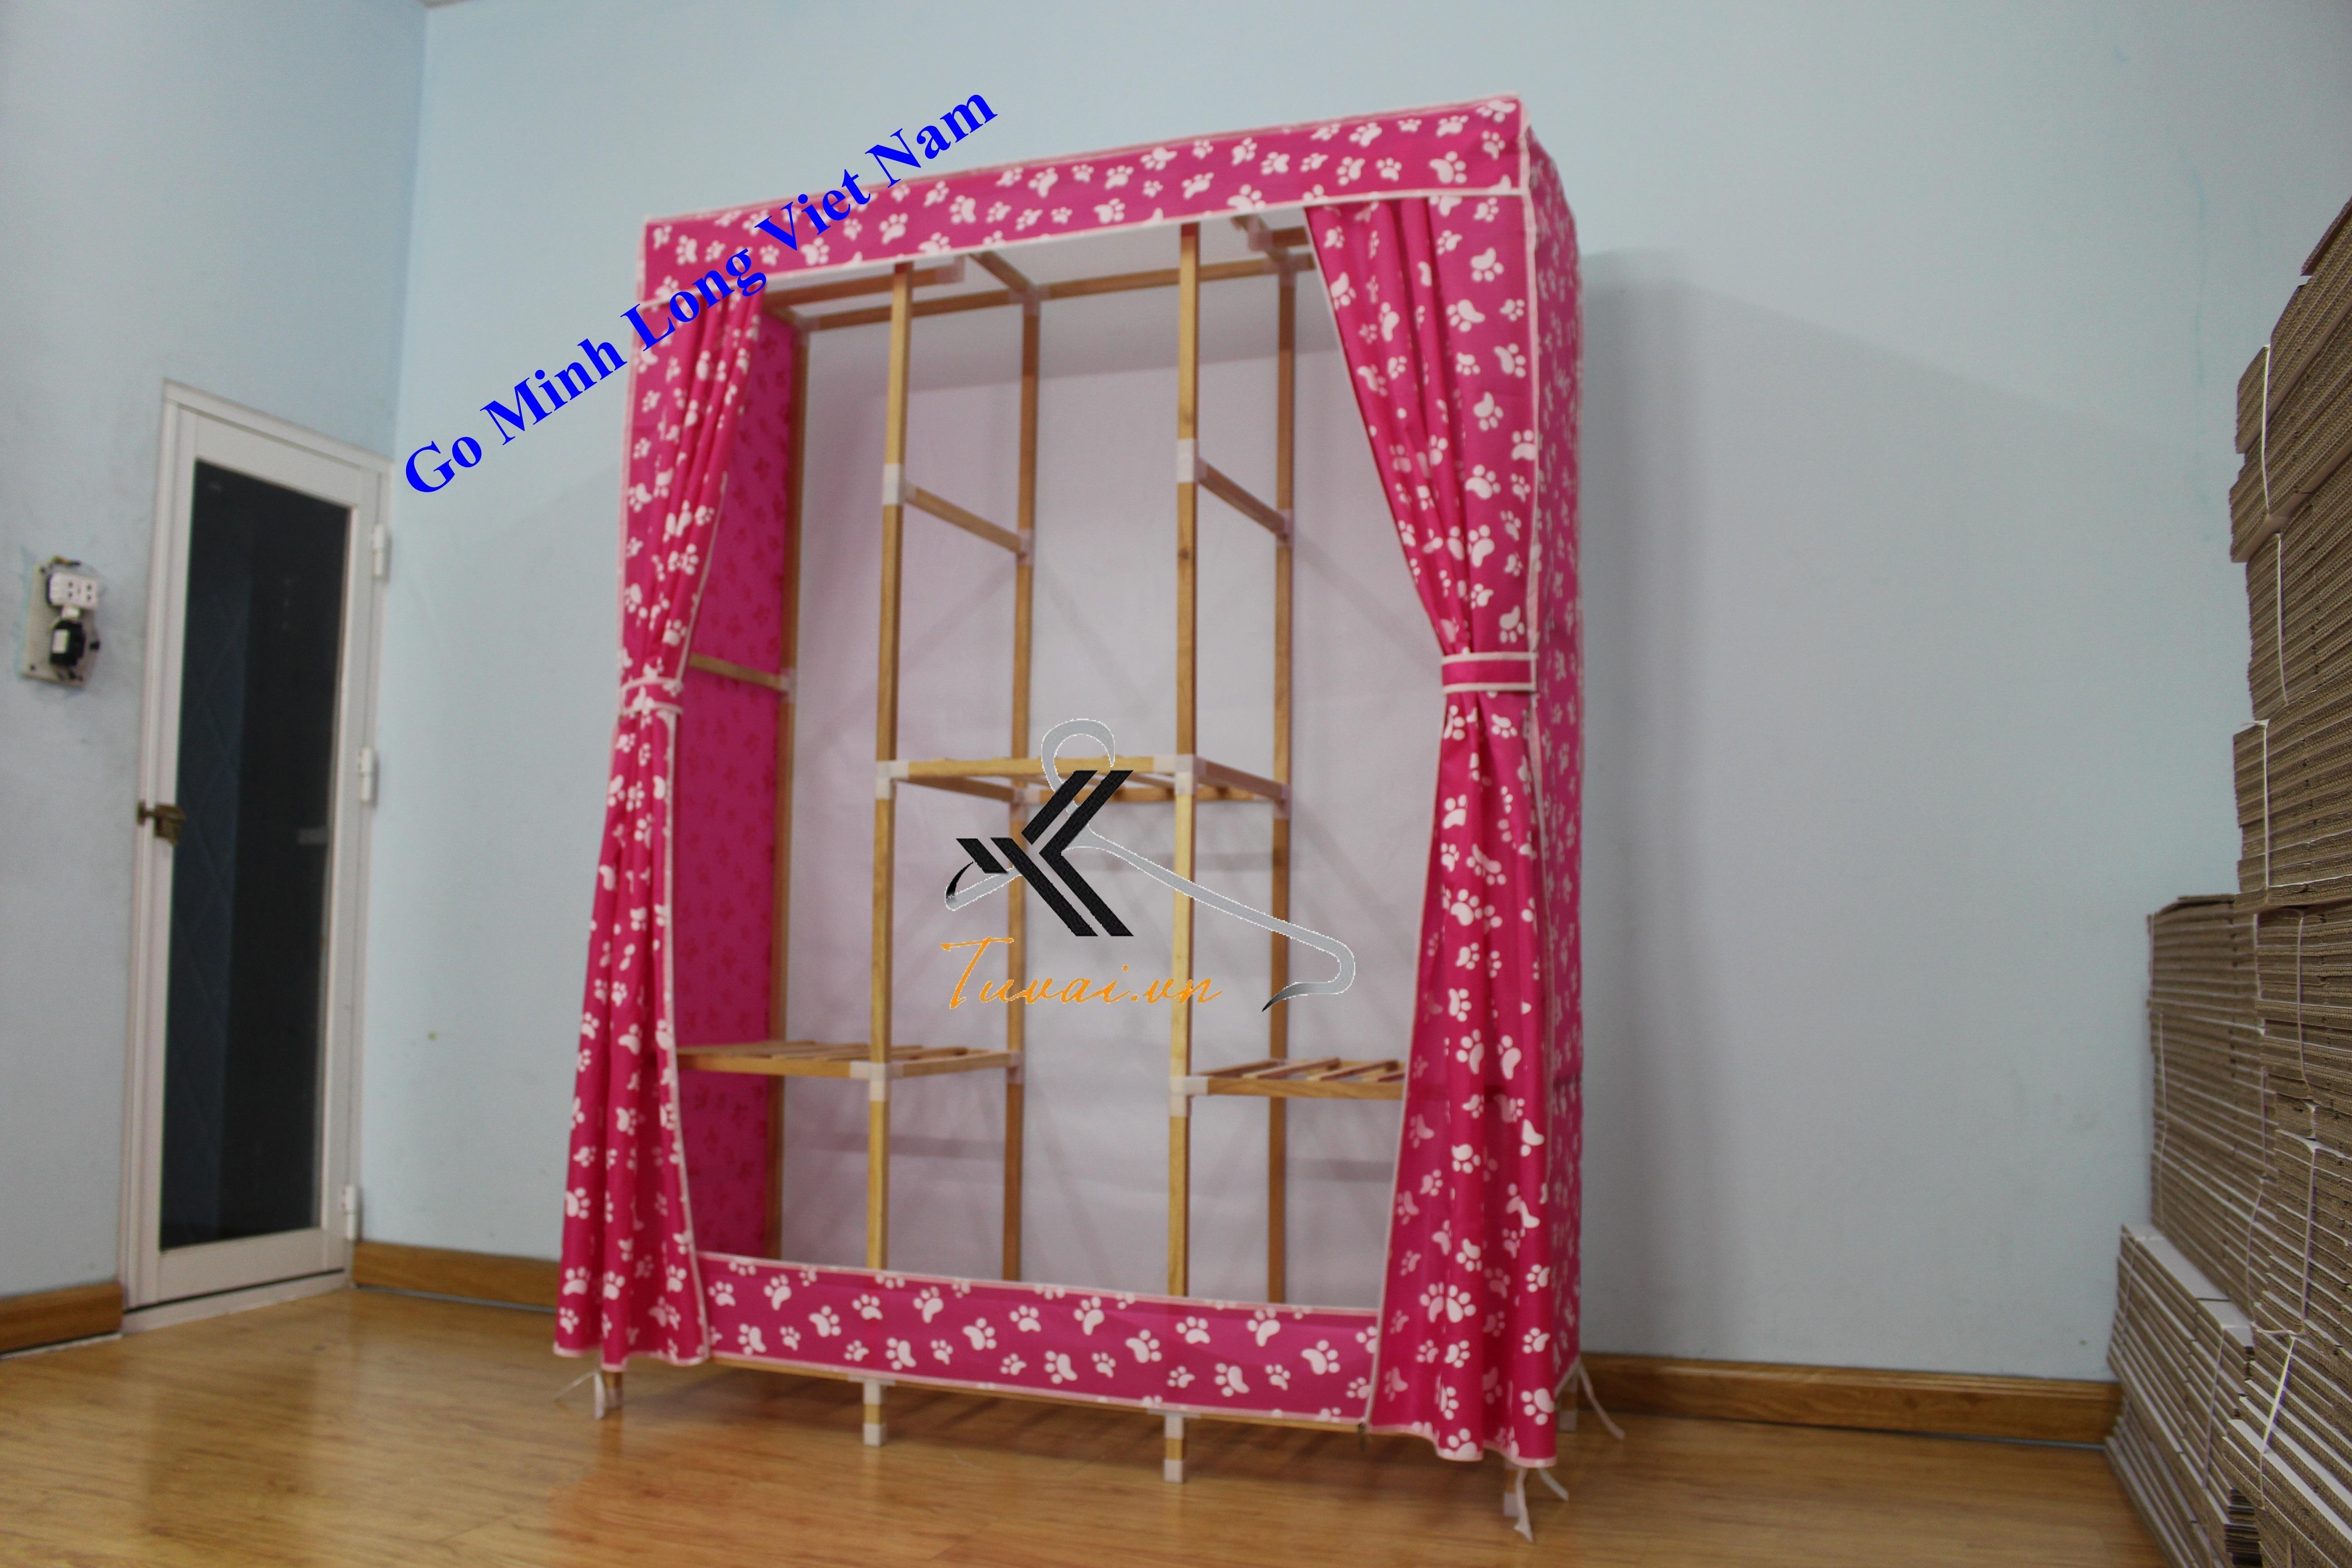 Tủ vải khung gỗ Minh Long khổ 130cm khi mở tủ